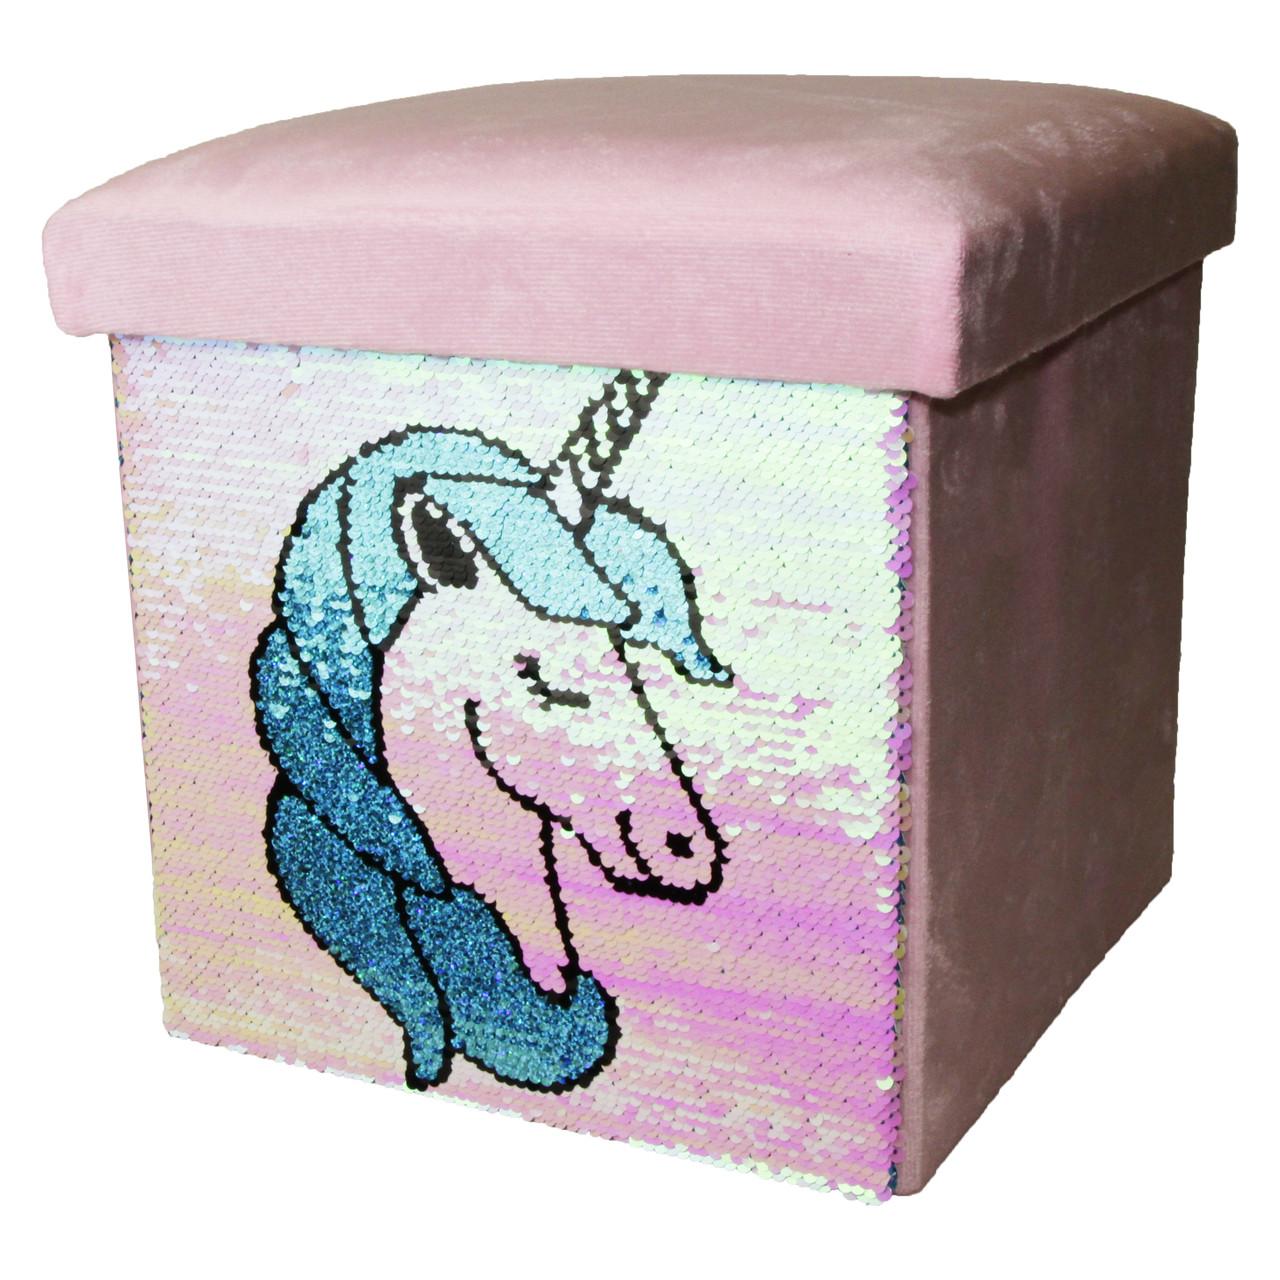 Корзина для игрушек MR 0003-1 (Розовый, единорог) пуф, 30-30-30см, пайетки